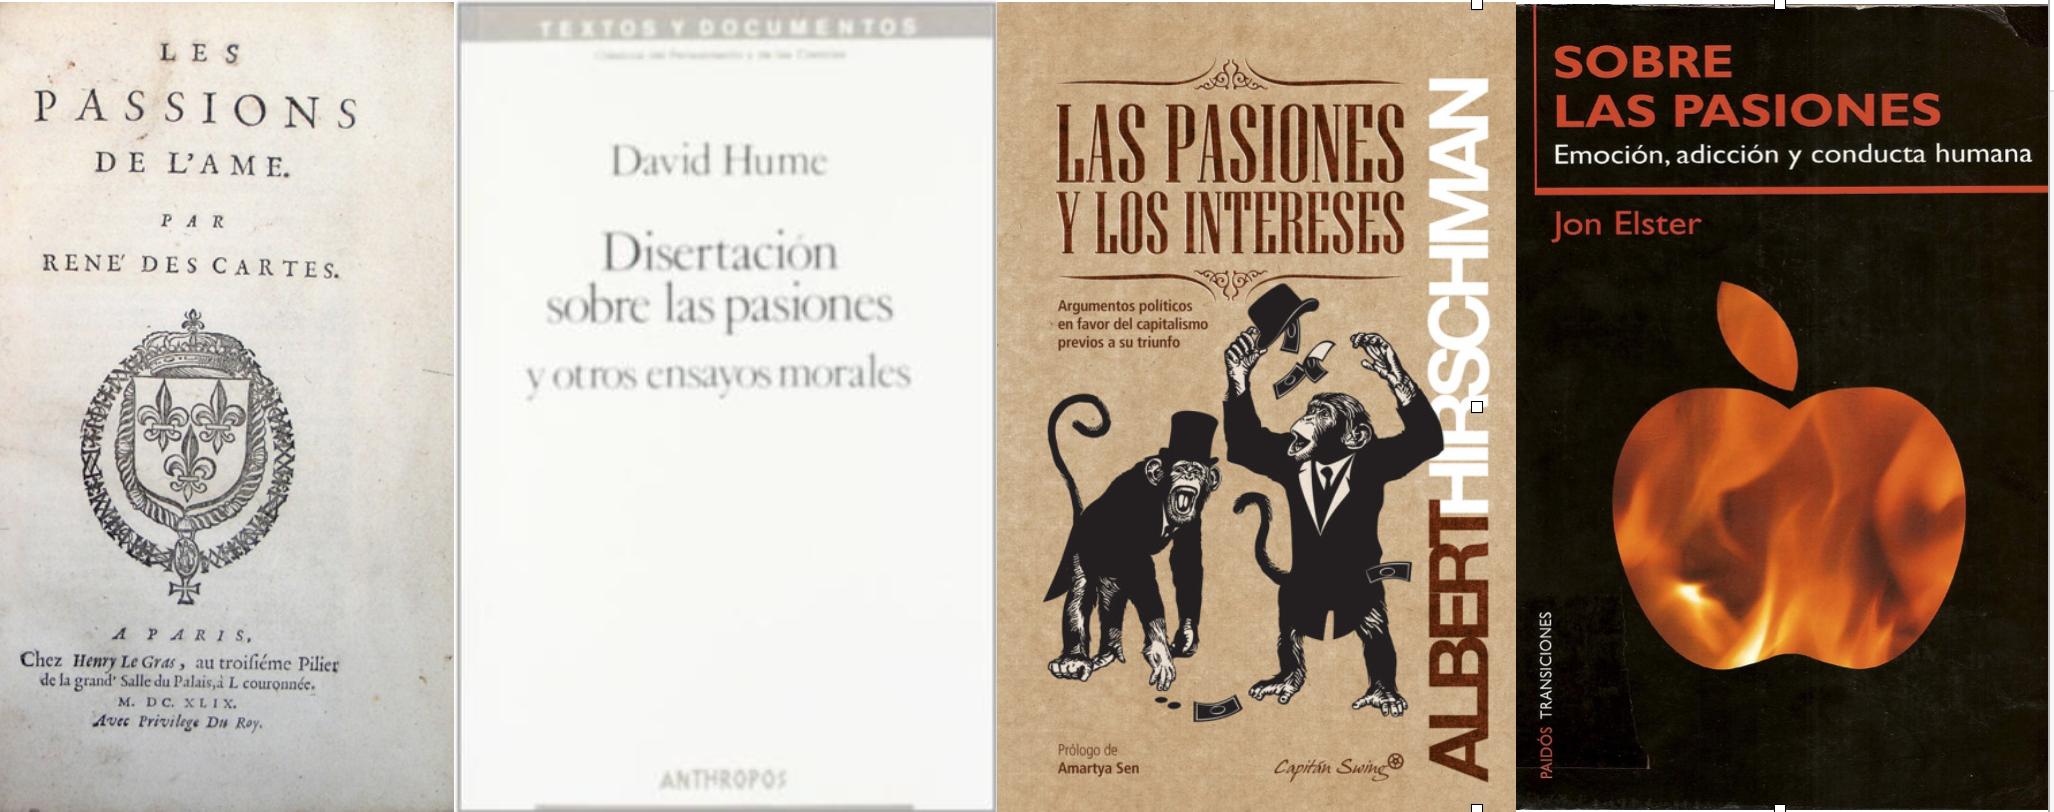 Filósofos como Descartes y Hume estudiaron el tema de las pasiones, al igual que el economista Alberrt Hirschman y el teórico social noruego, Jon Elster, en sus respectivas disciplinas.